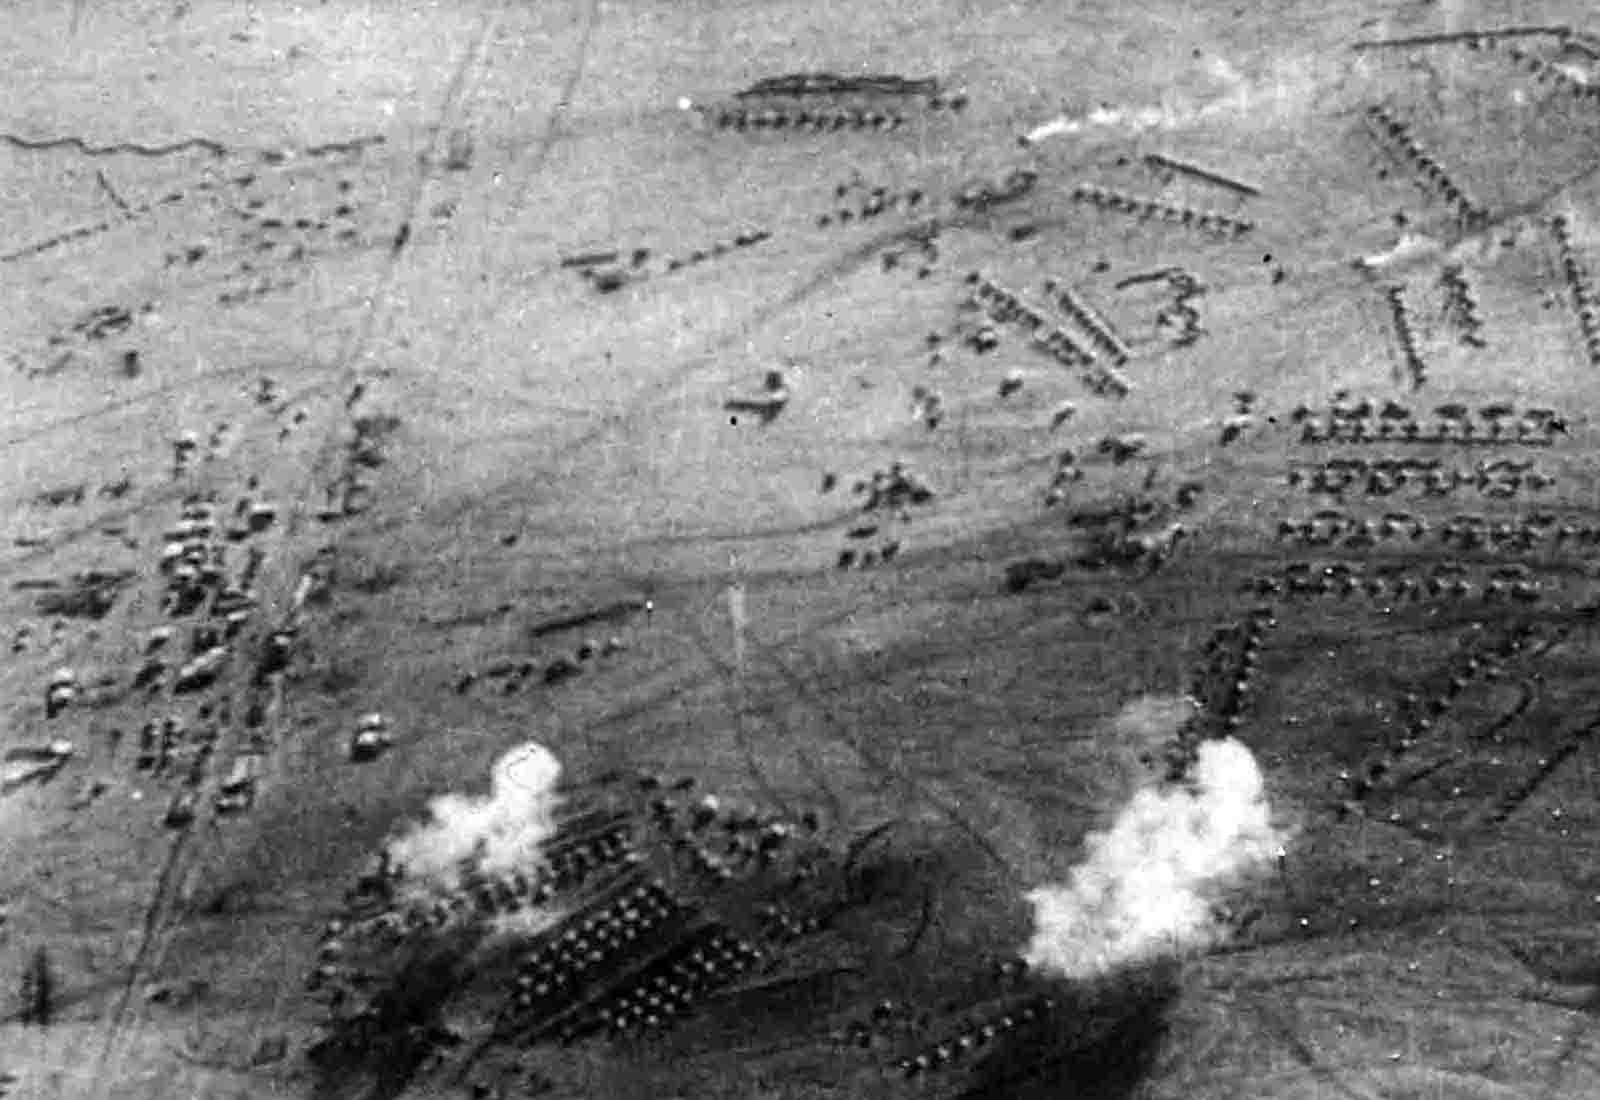 Bombardement_Tschaukaib_1914